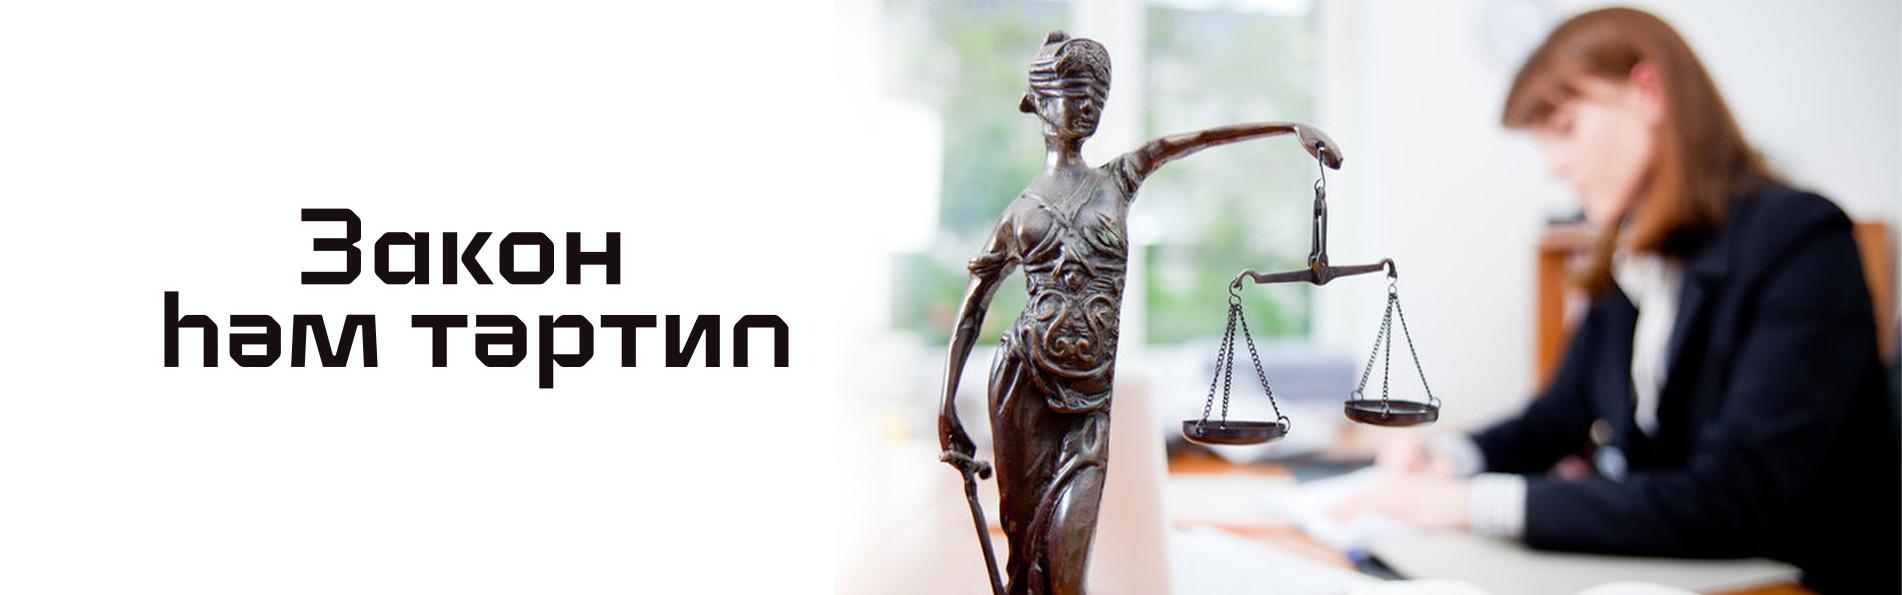 Закон һәм тәртип